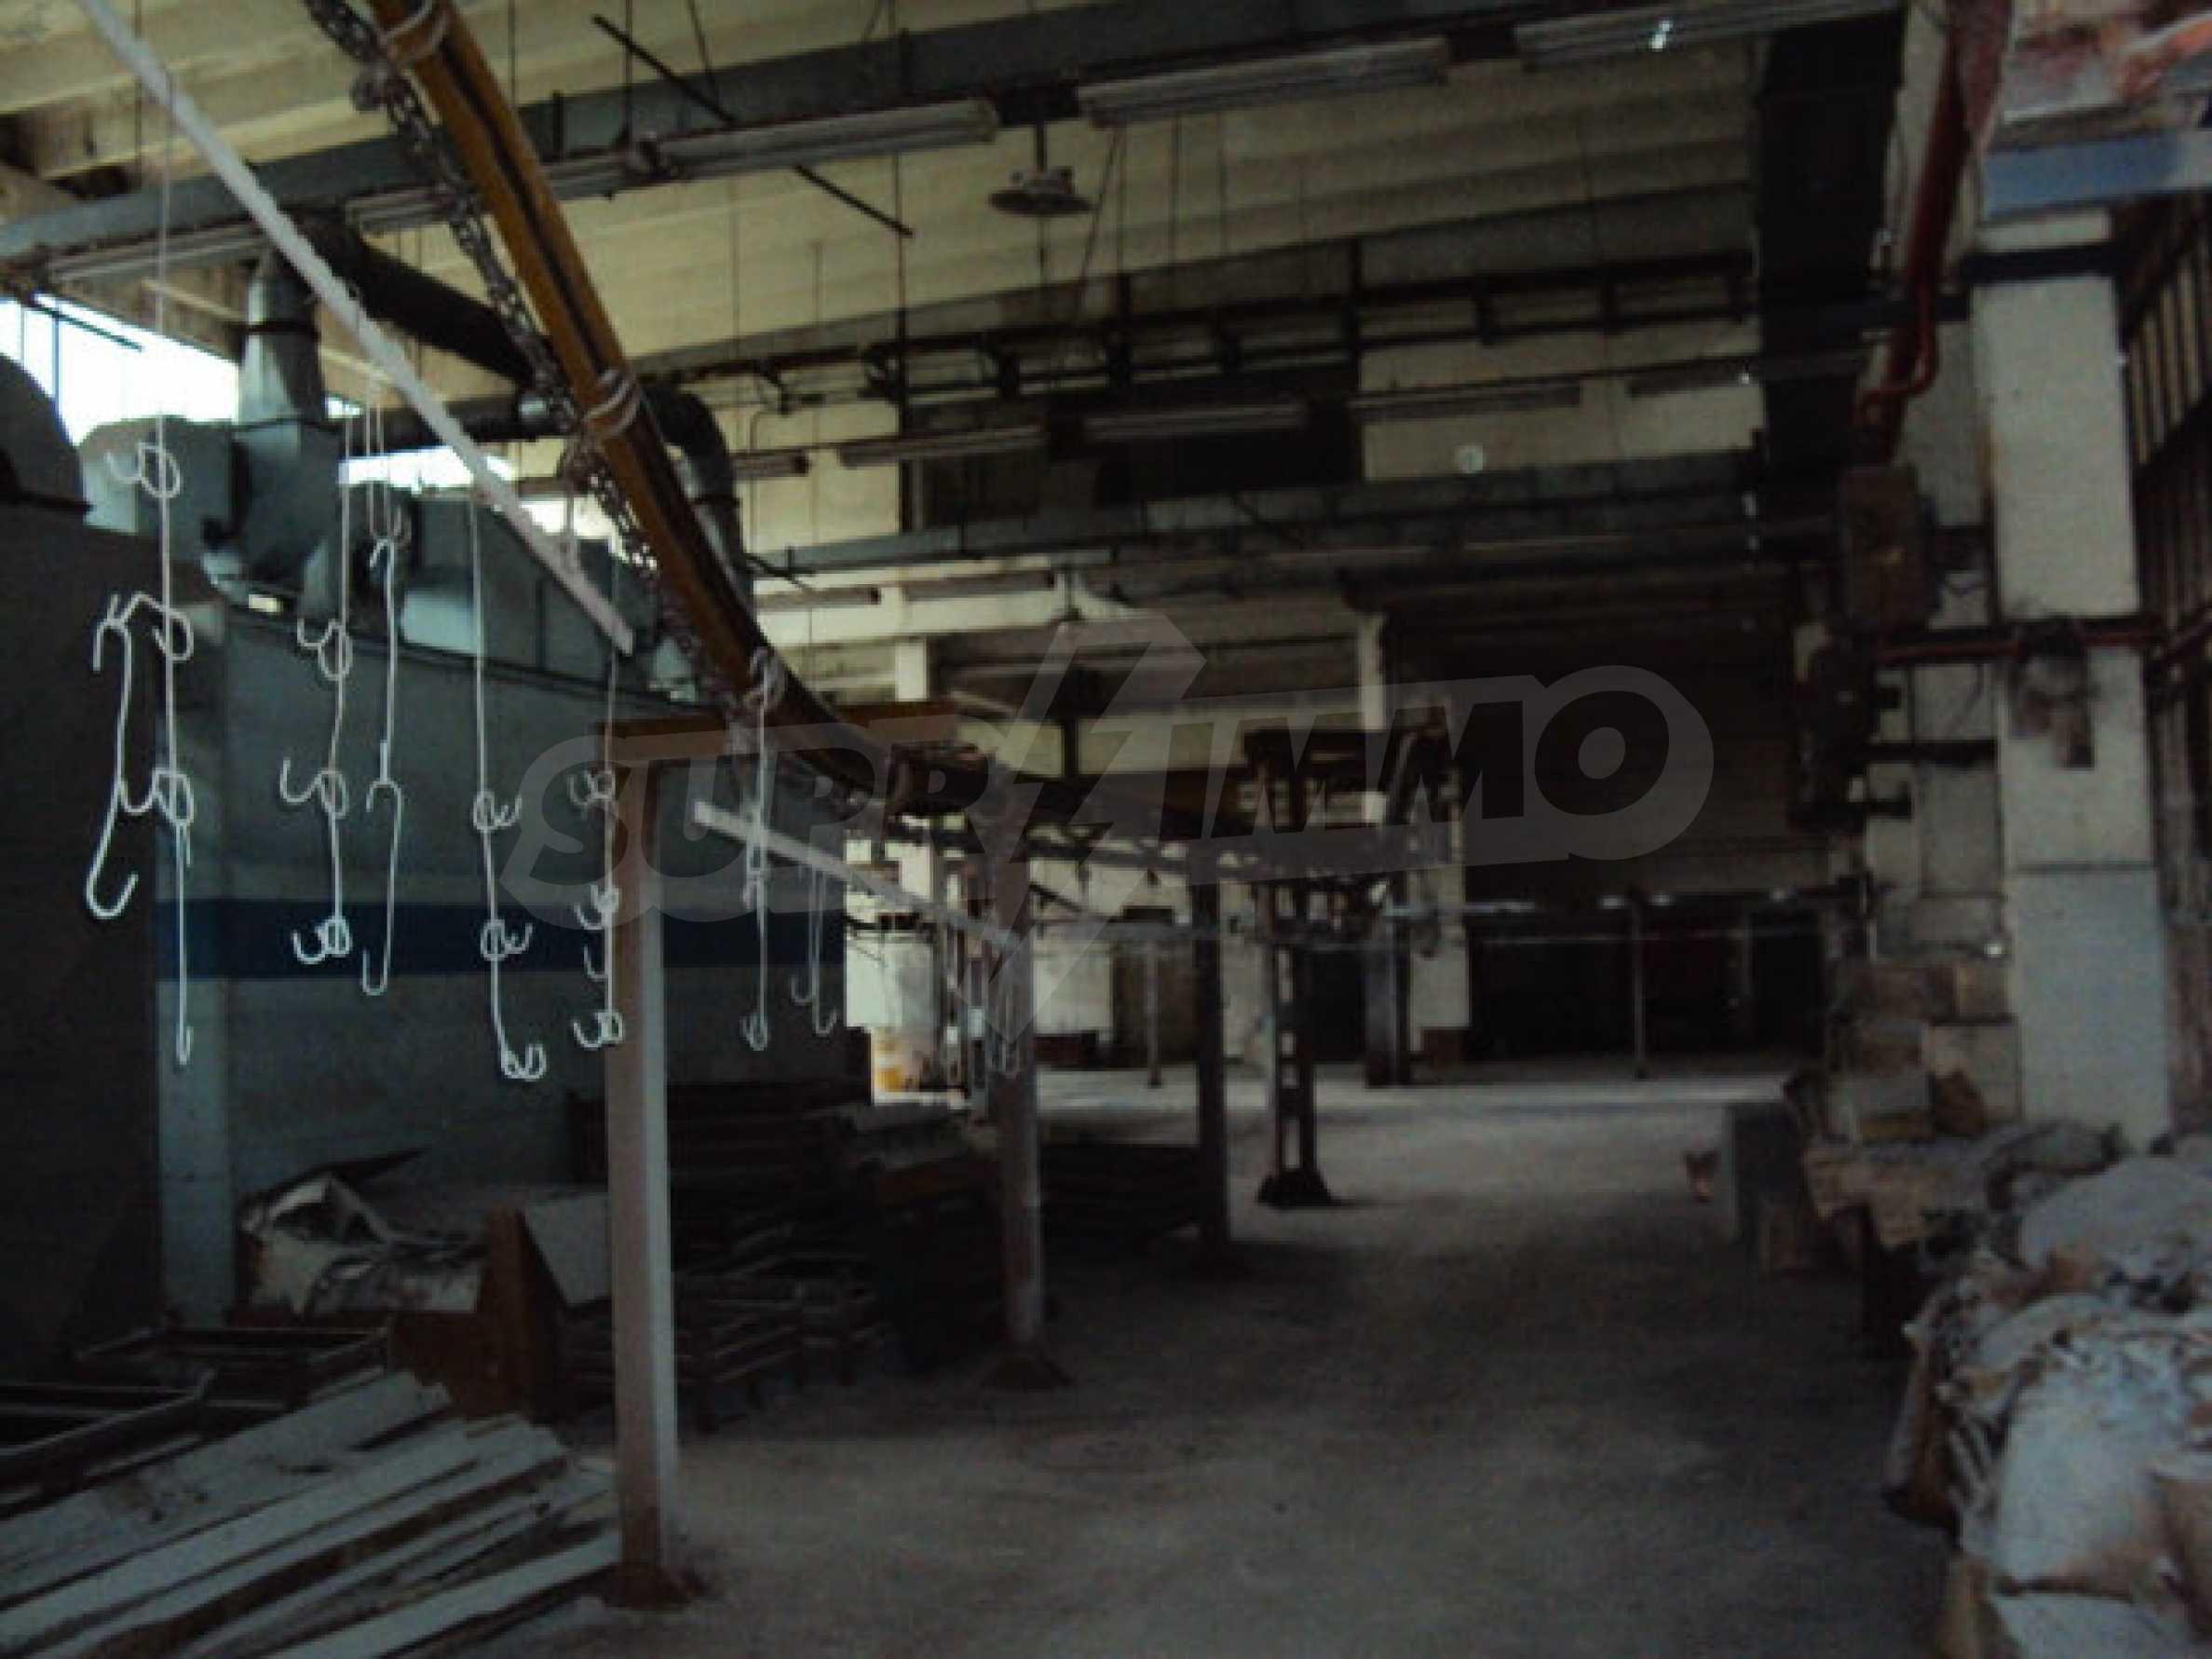 Factory for metal parts in Veliko Tarnovo 50